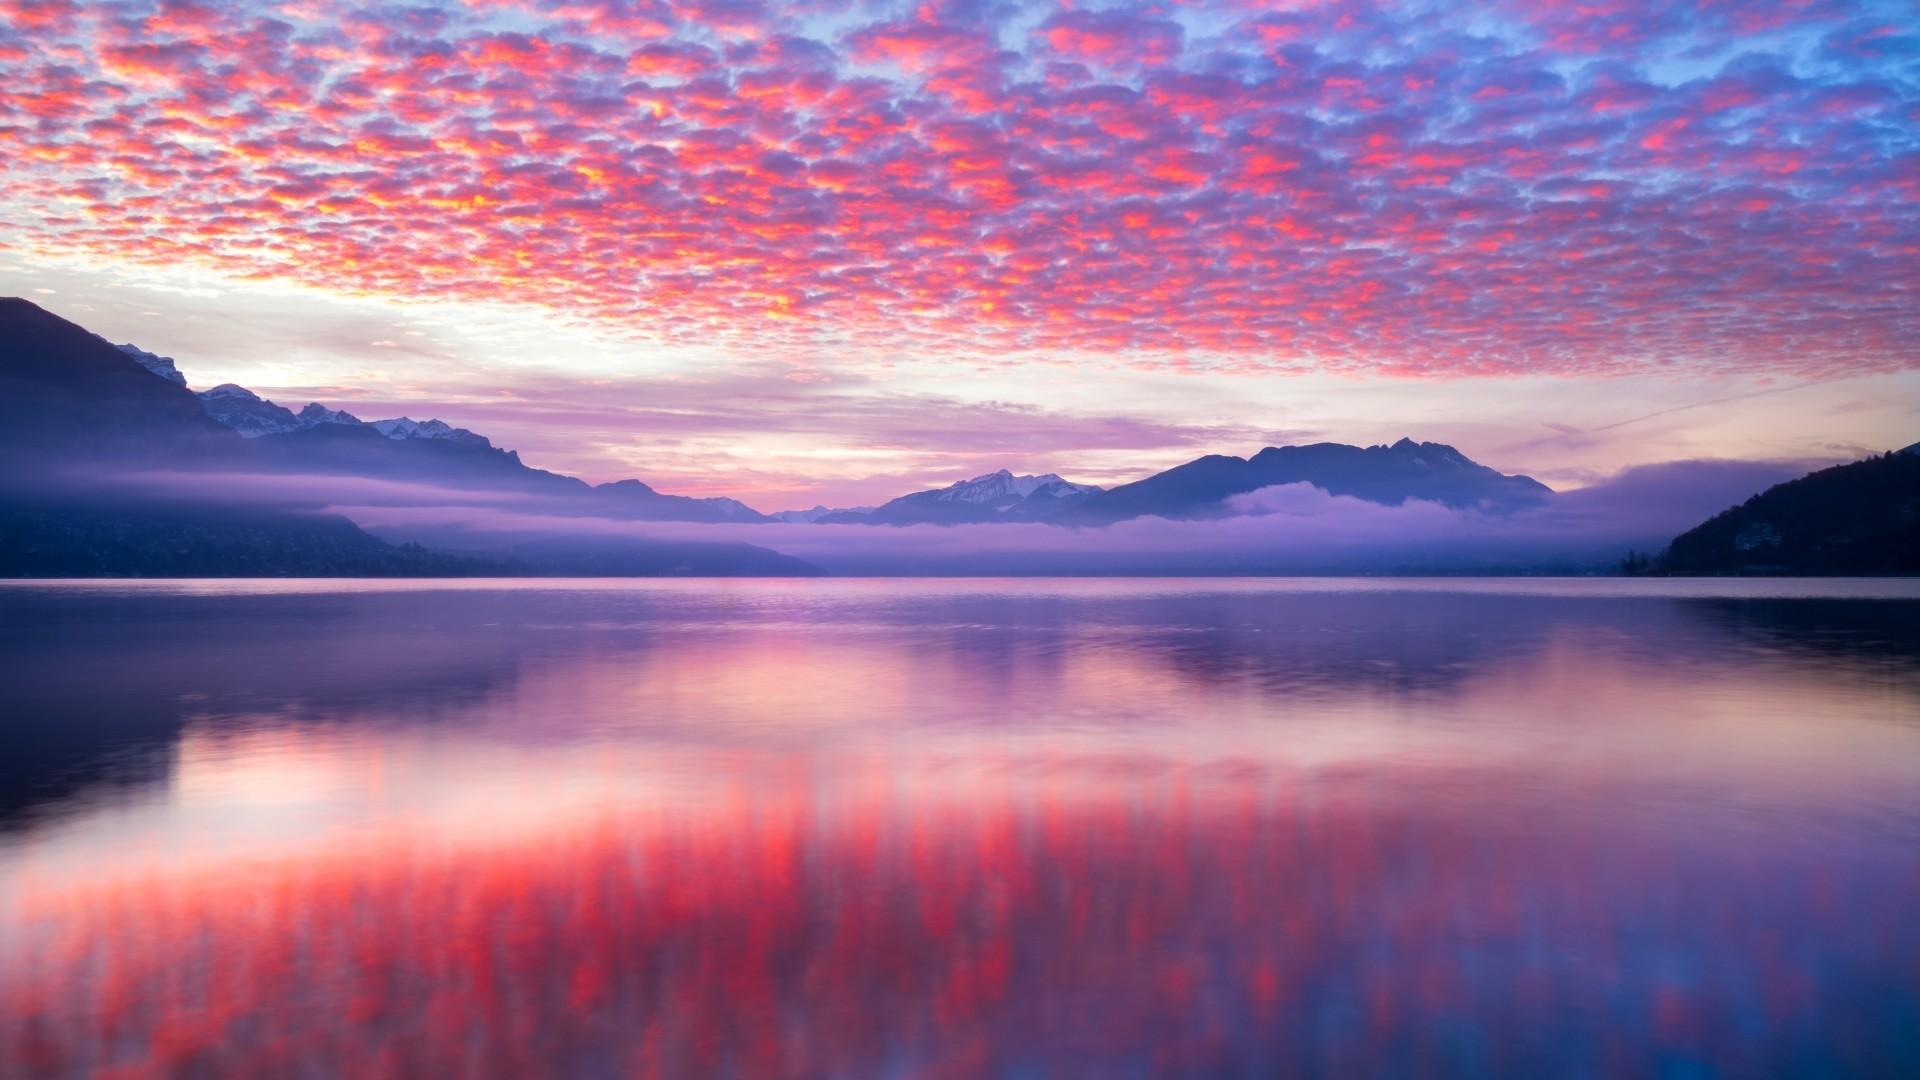 Pink Sunset Desktop Wallpaper